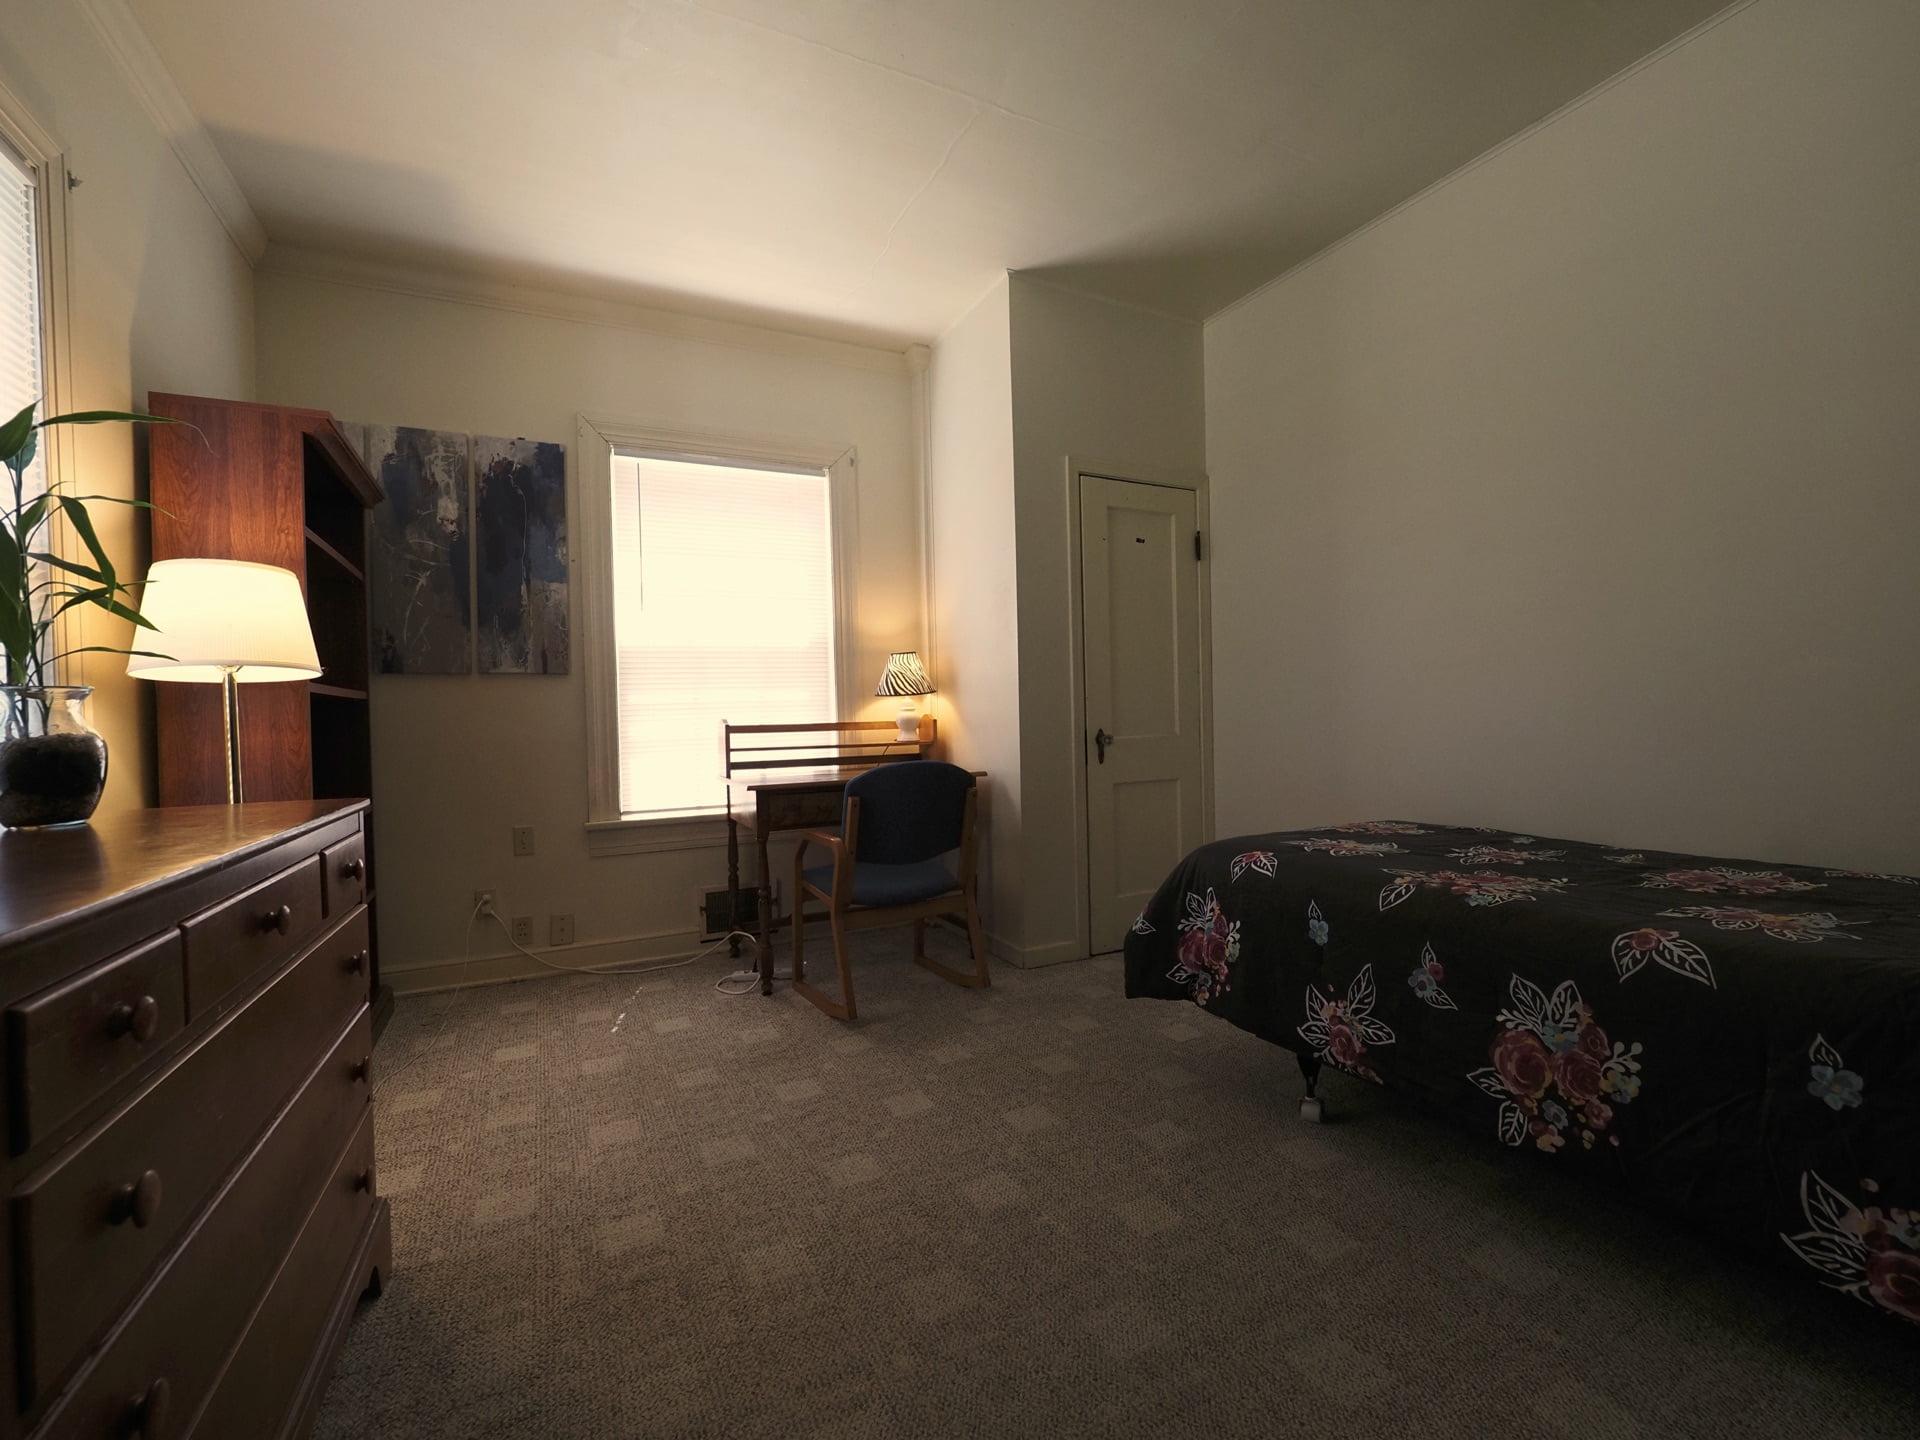 326 Room 11-1